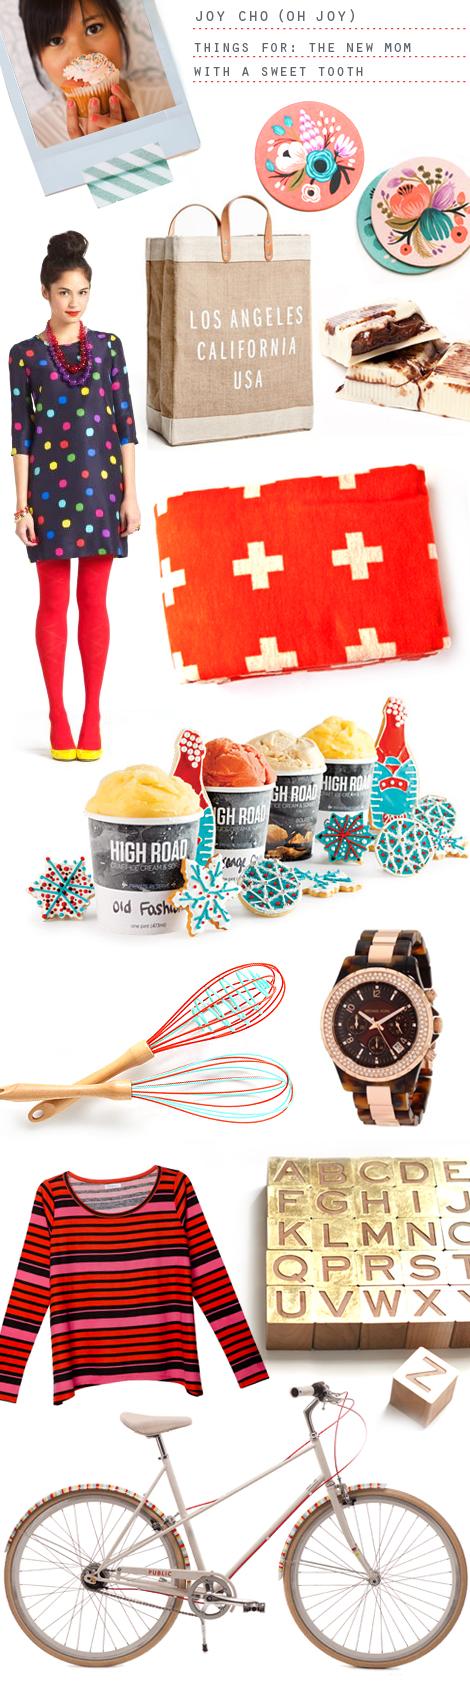 Joy-gift-guide2011